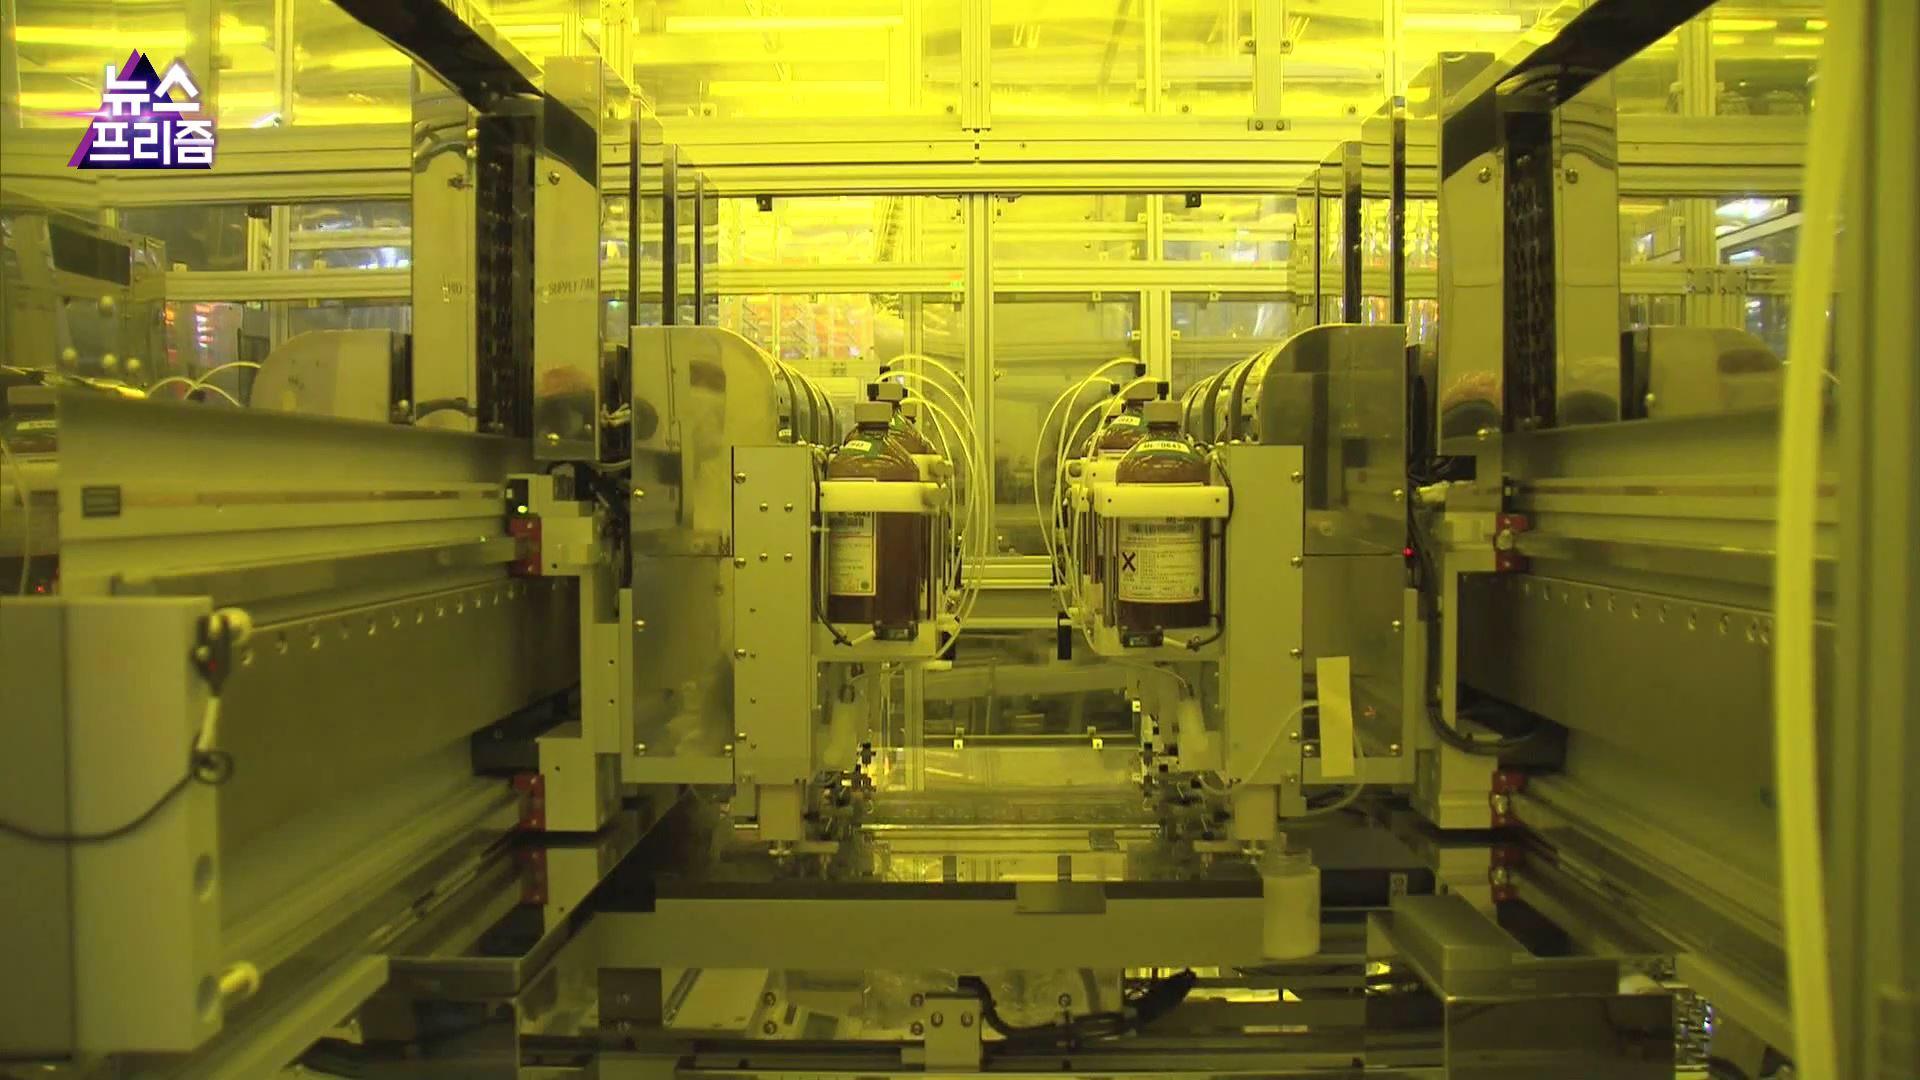 [뉴스프리즘] 日보복에 드러난 한국 부품산업·기초과학의 민낯